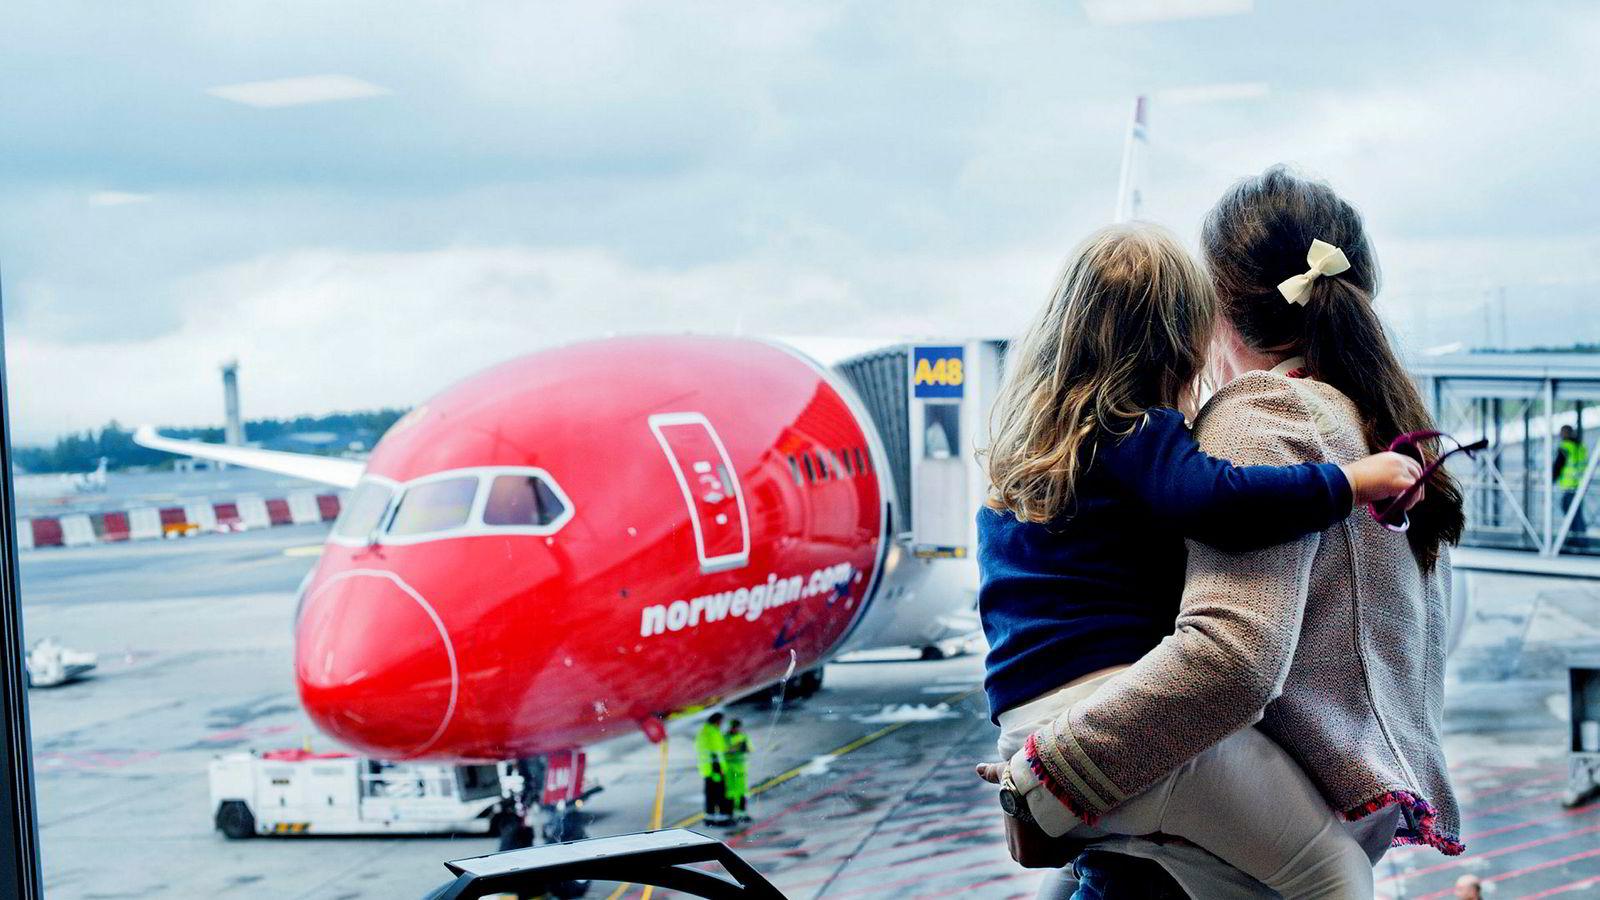 Norwegian har lenge hatt planer for å skille ut deler av virksomheten og eie det sammen med andre – men i første omgang bare flyene. Fordelsprogrammet Reward er ikke nevnt i selskapets siste planer.